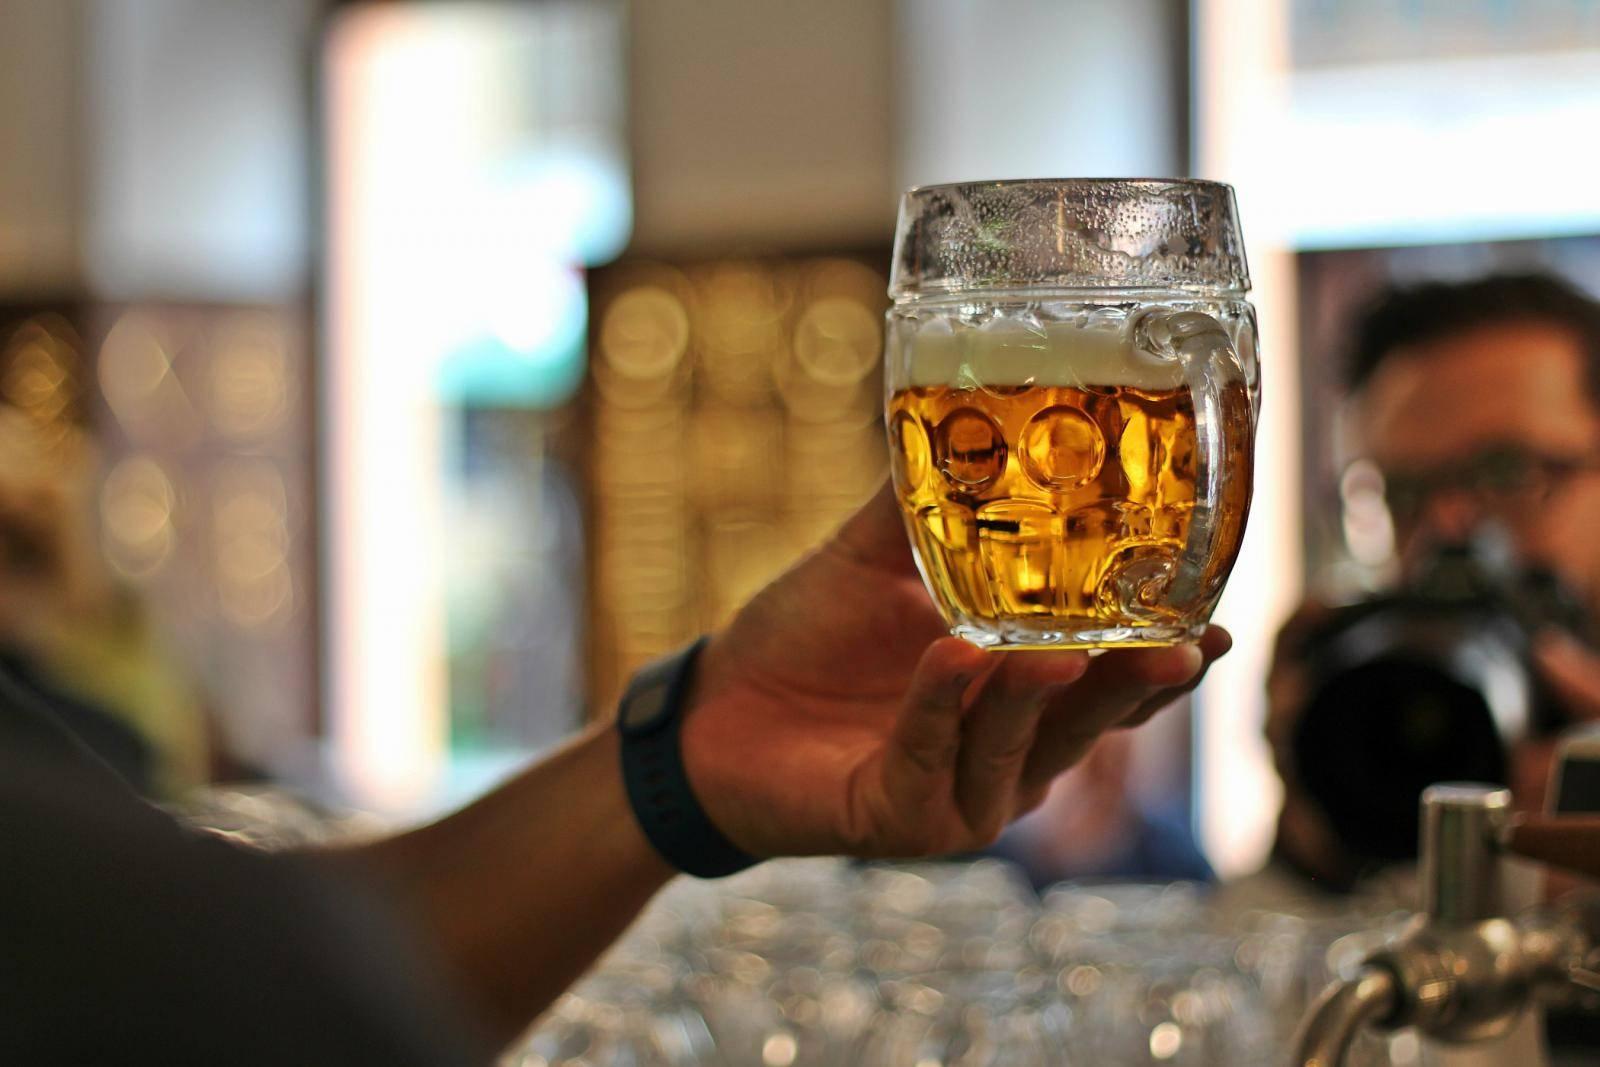 Правильно выбираем лучшее пиво в магазинах и барах. какое пиво лучше всего пить?